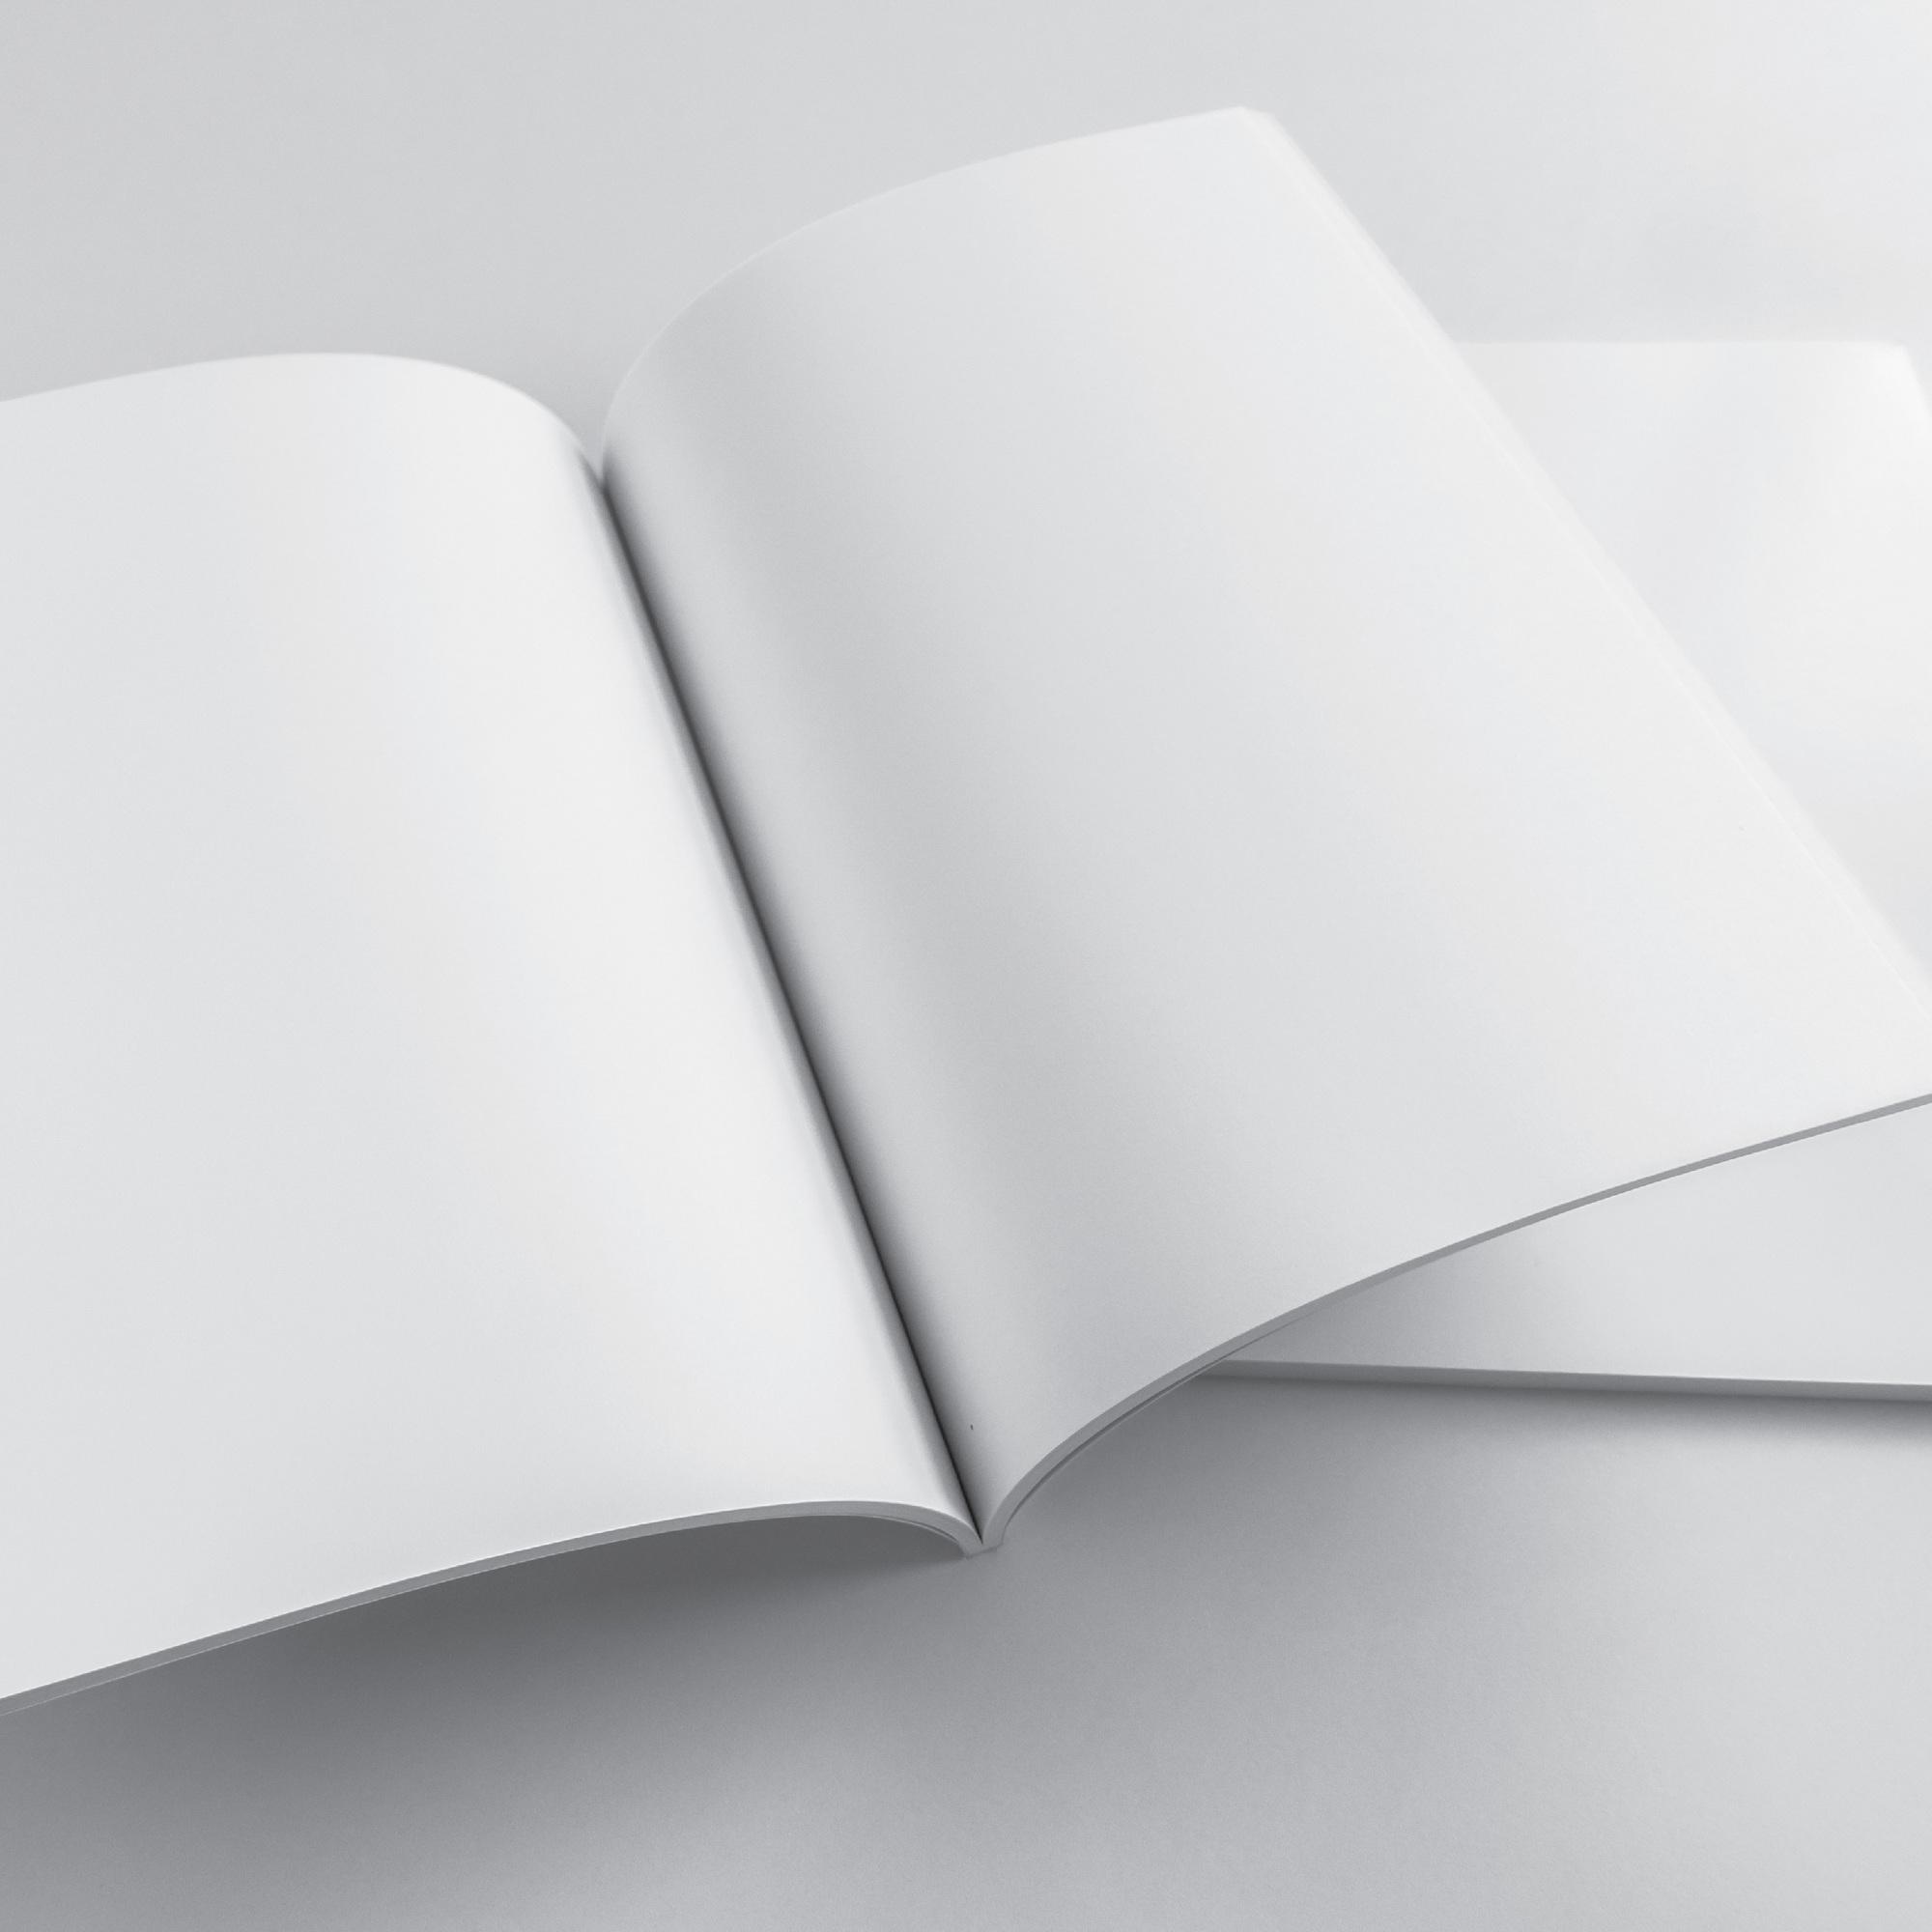 https://shop.copycatprint.com.au/images/products_gallery_images/COPYCAT_WEB_BOOKLETS_GALLERY_IMAGES_MAR18-0384.jpg